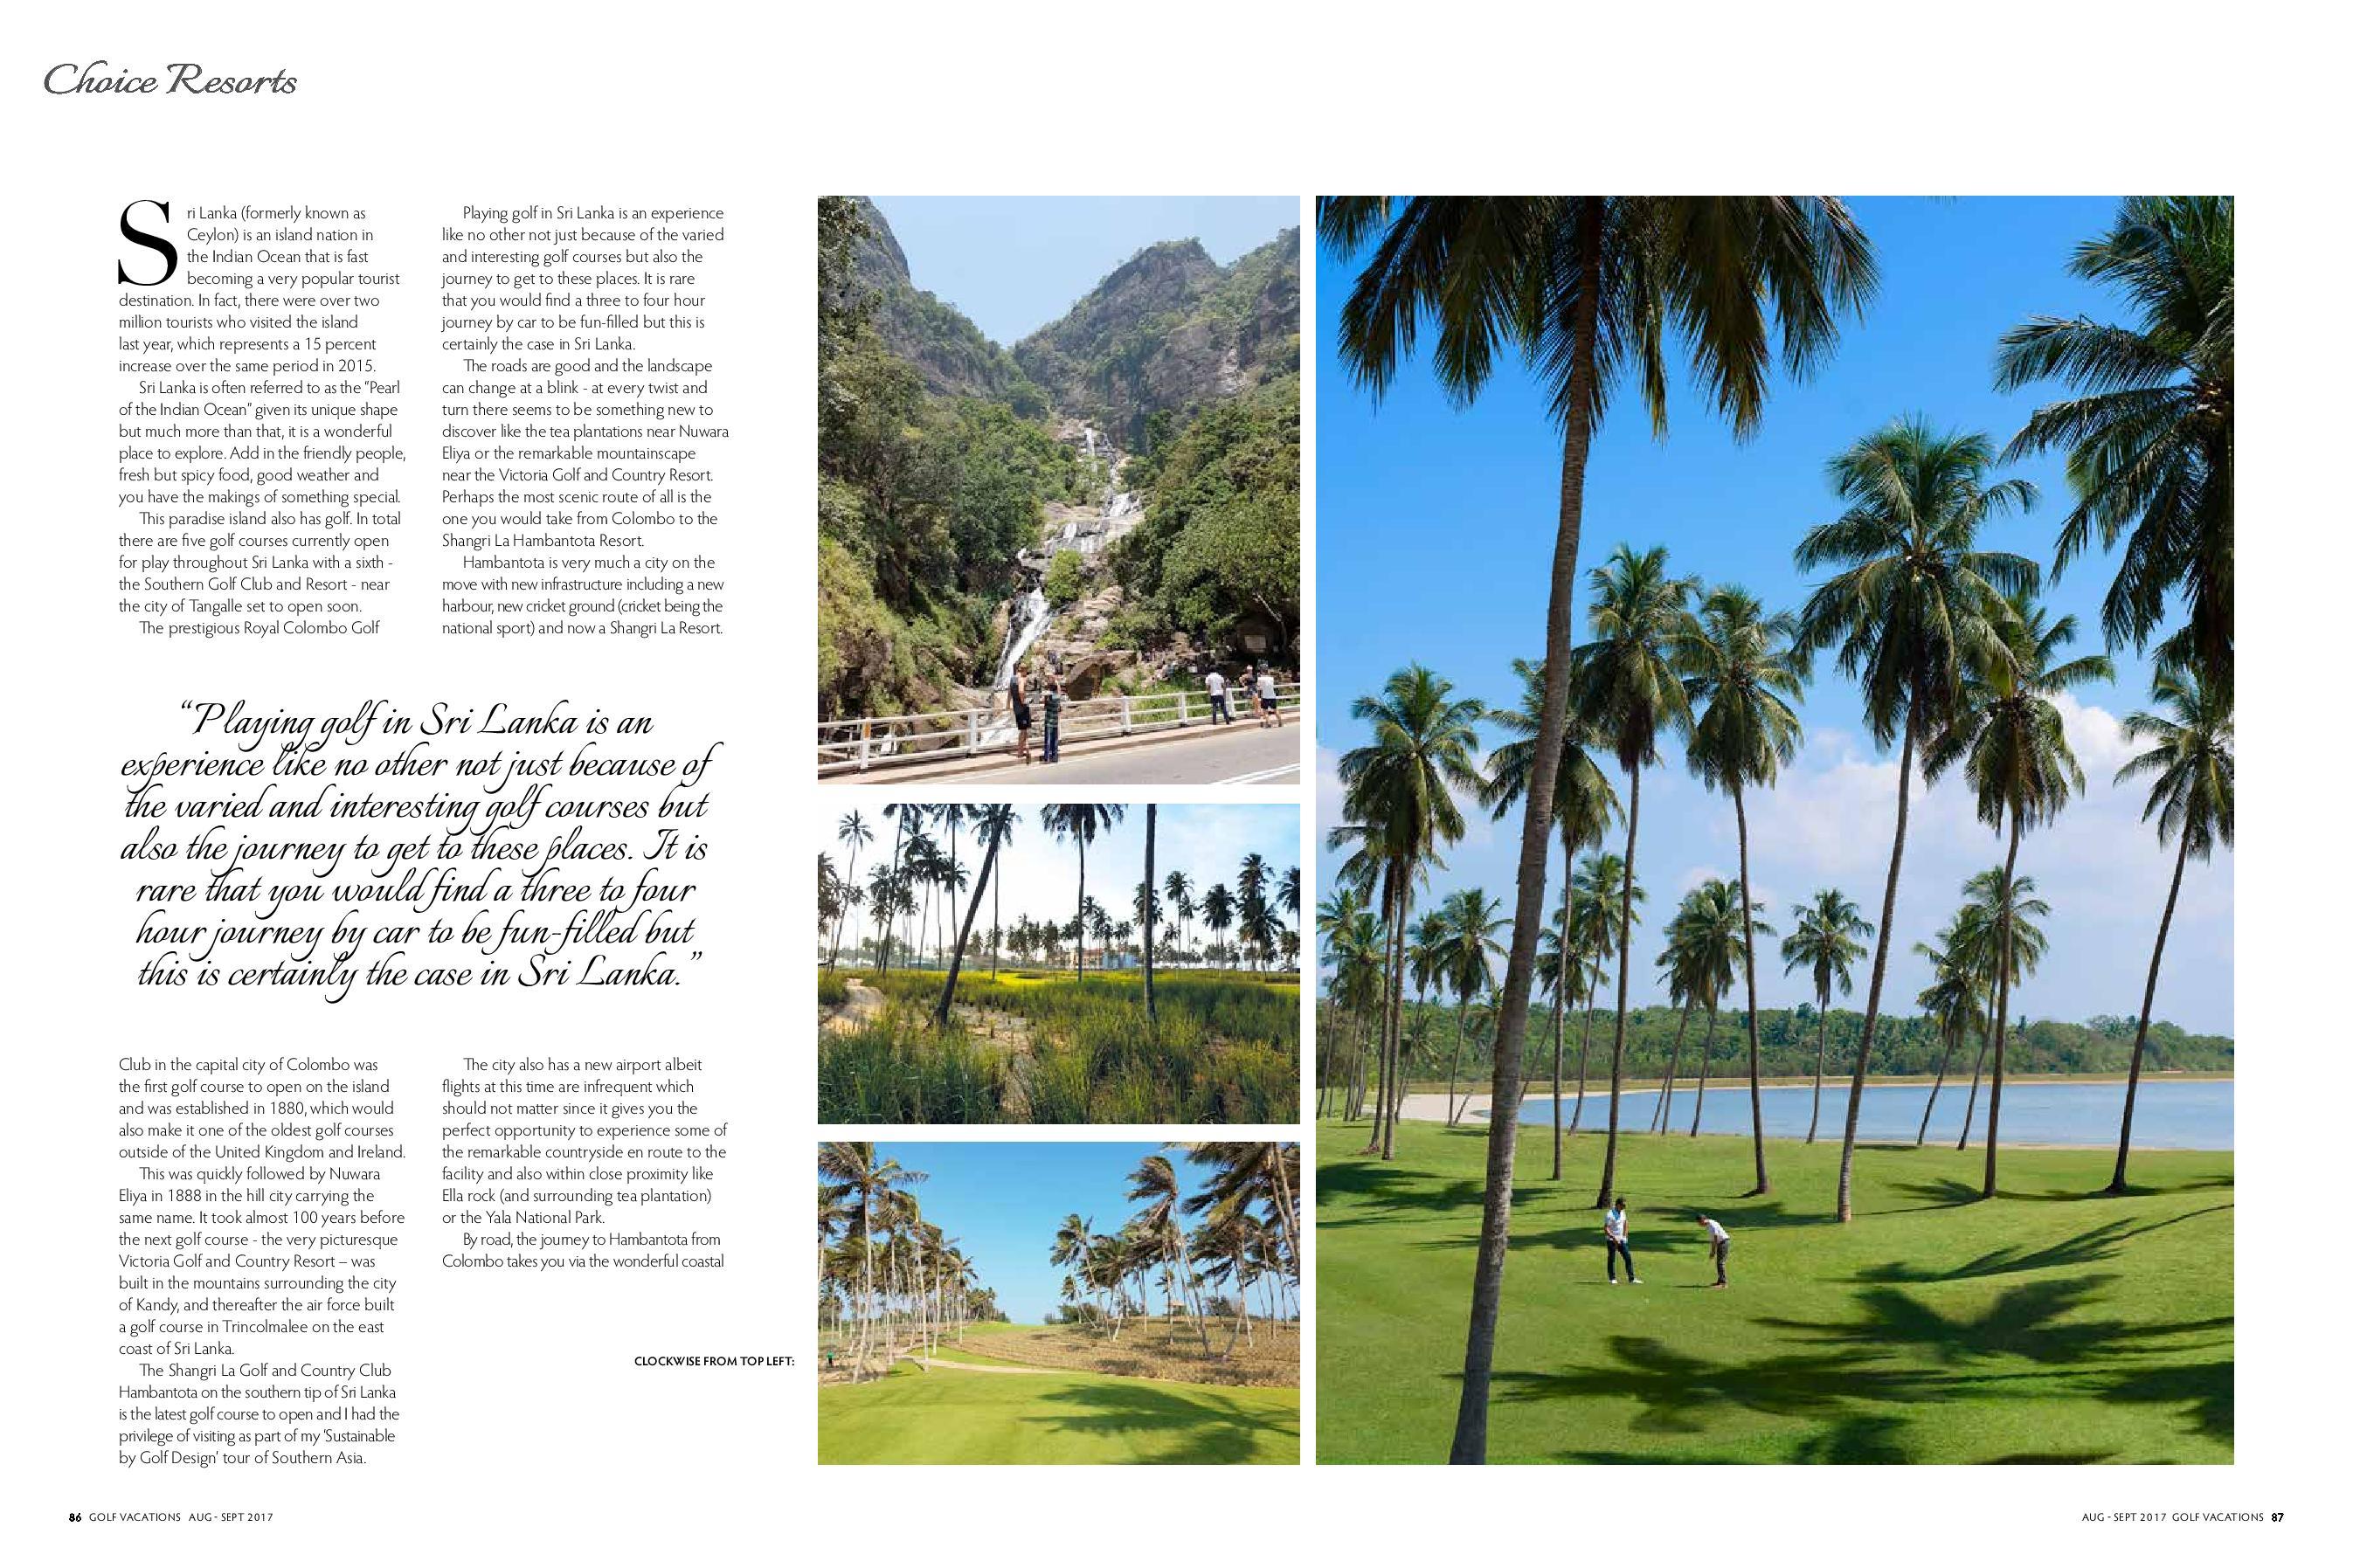 084-089 CR_Shangrila-page-002